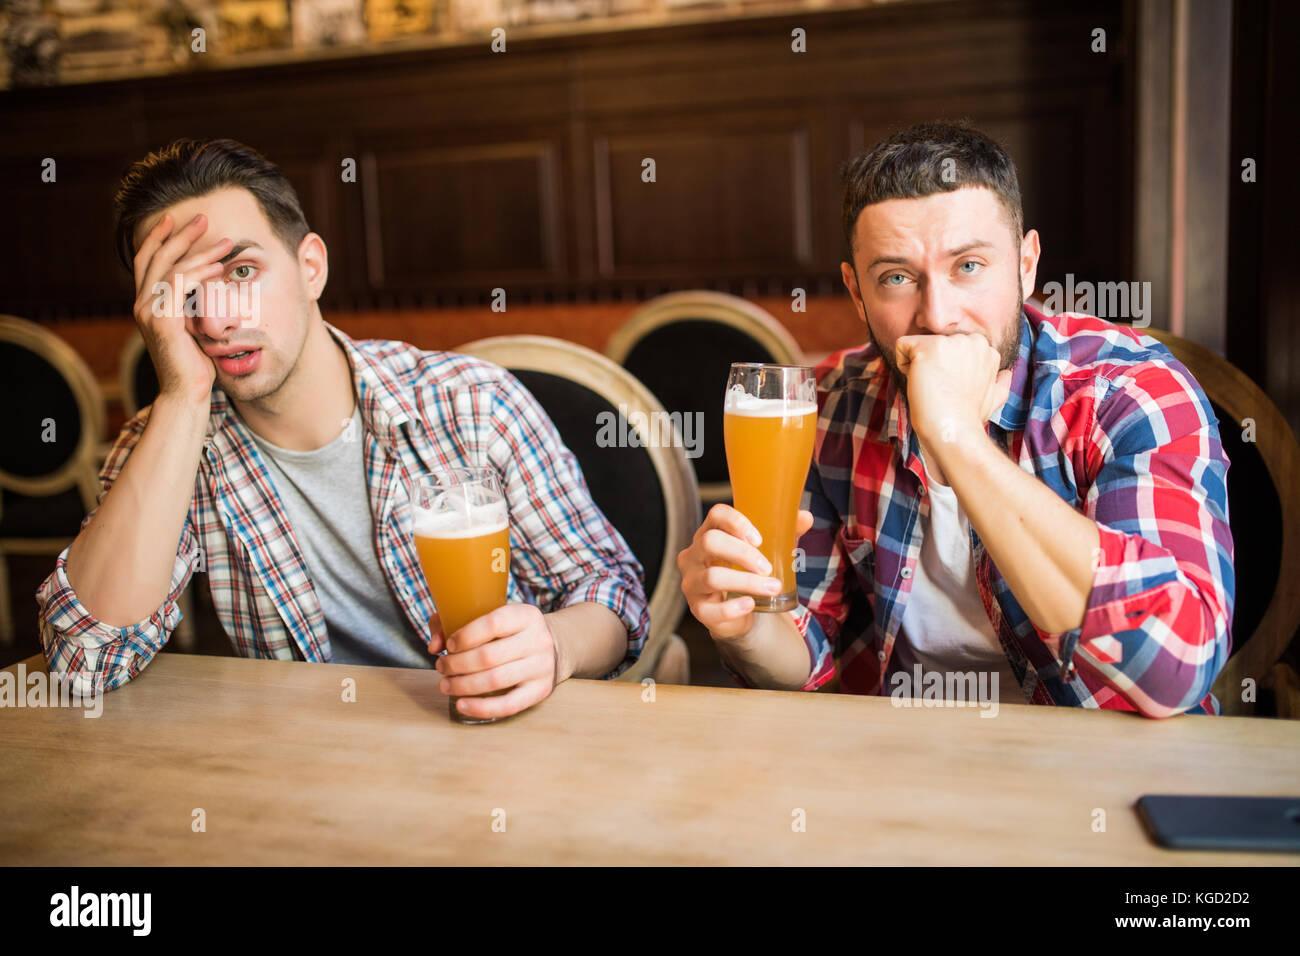 Joven barbudo hombre mirando disgustado y triste tener cerveza en el pub copyspace depresión estrés cansado Imagen De Stock